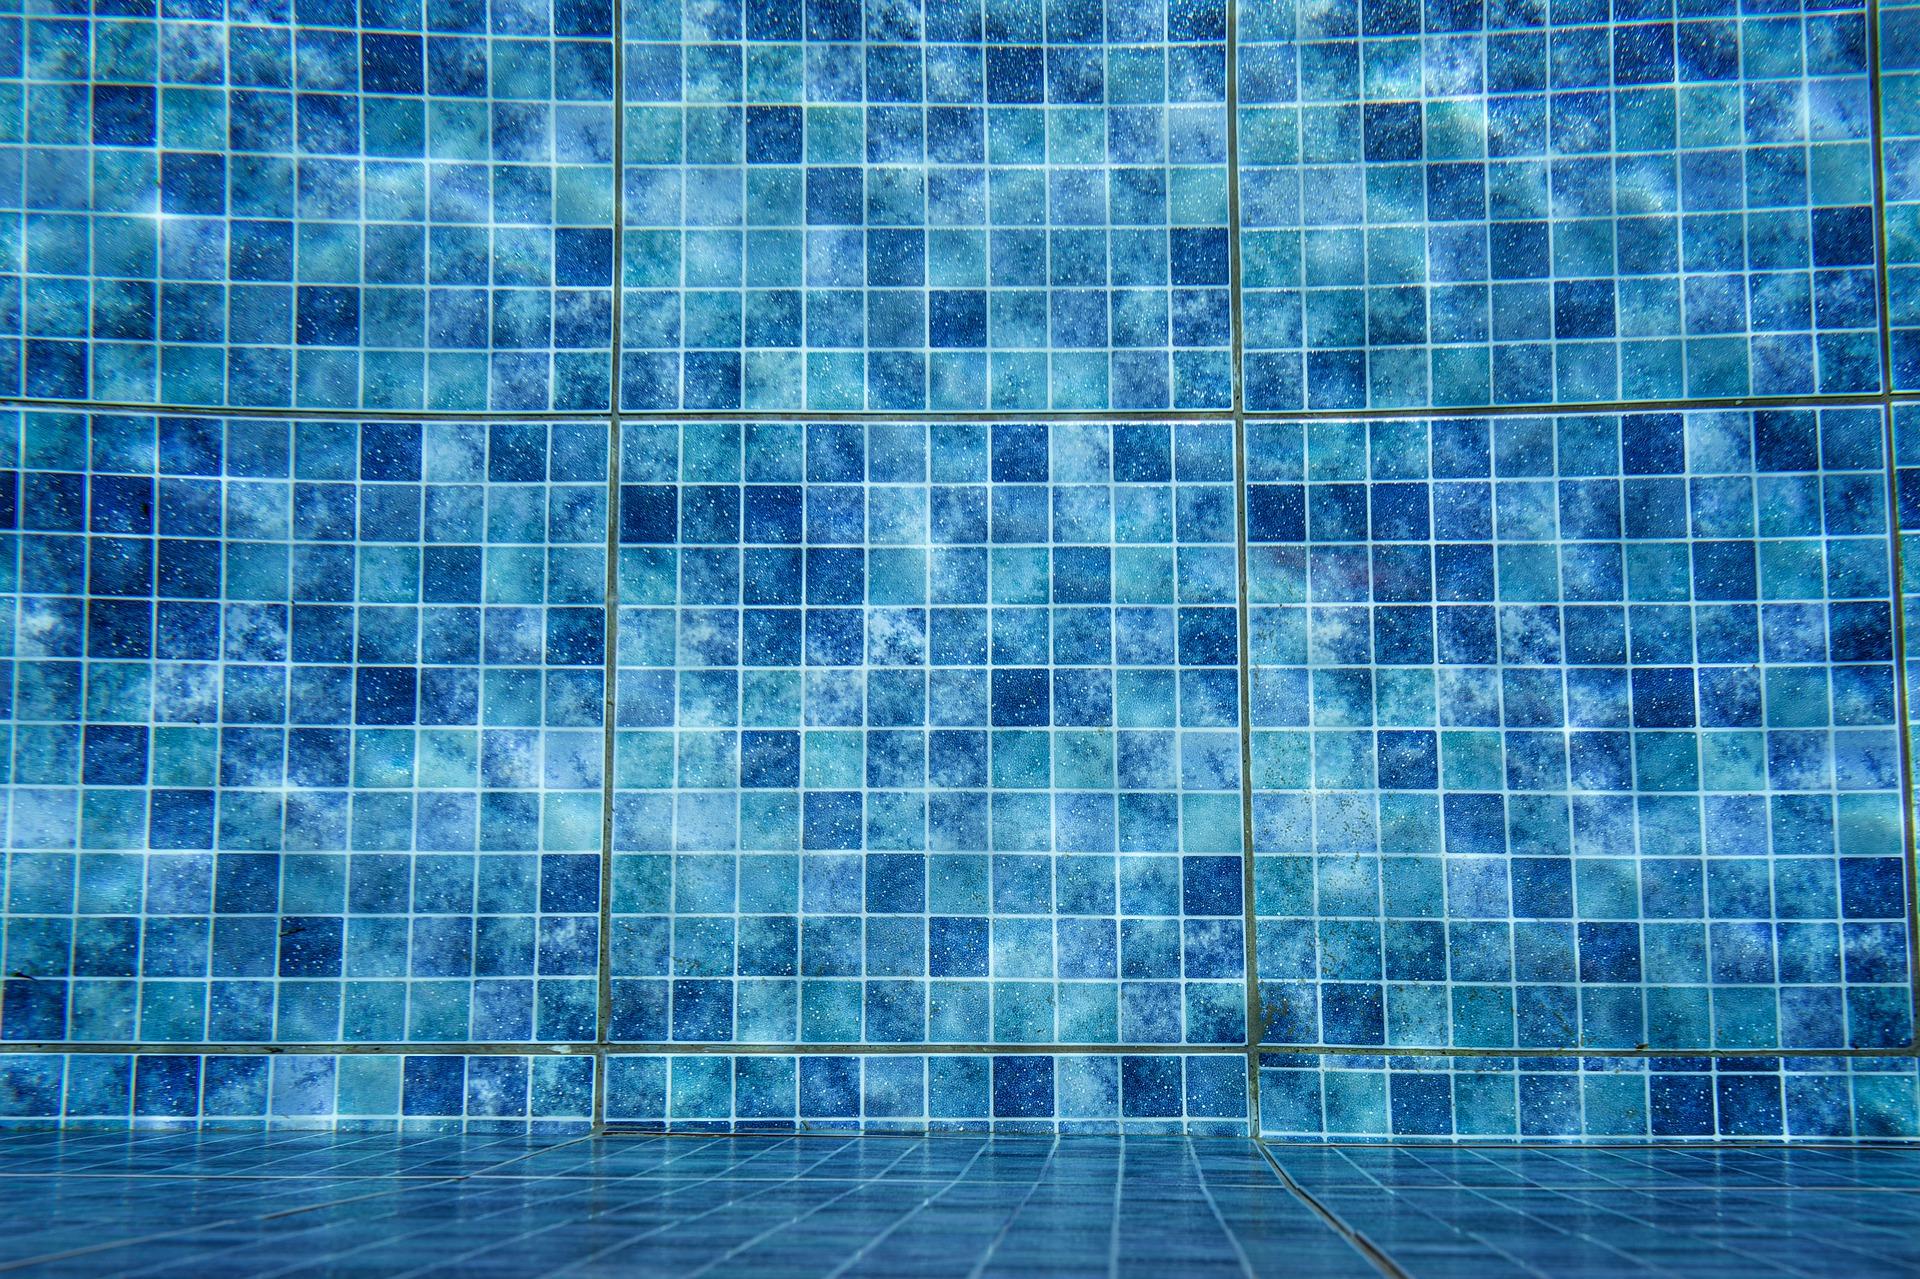 Podkarpacie: Tragedia na basenie. Co się tam stało?  - Zdjęcie główne